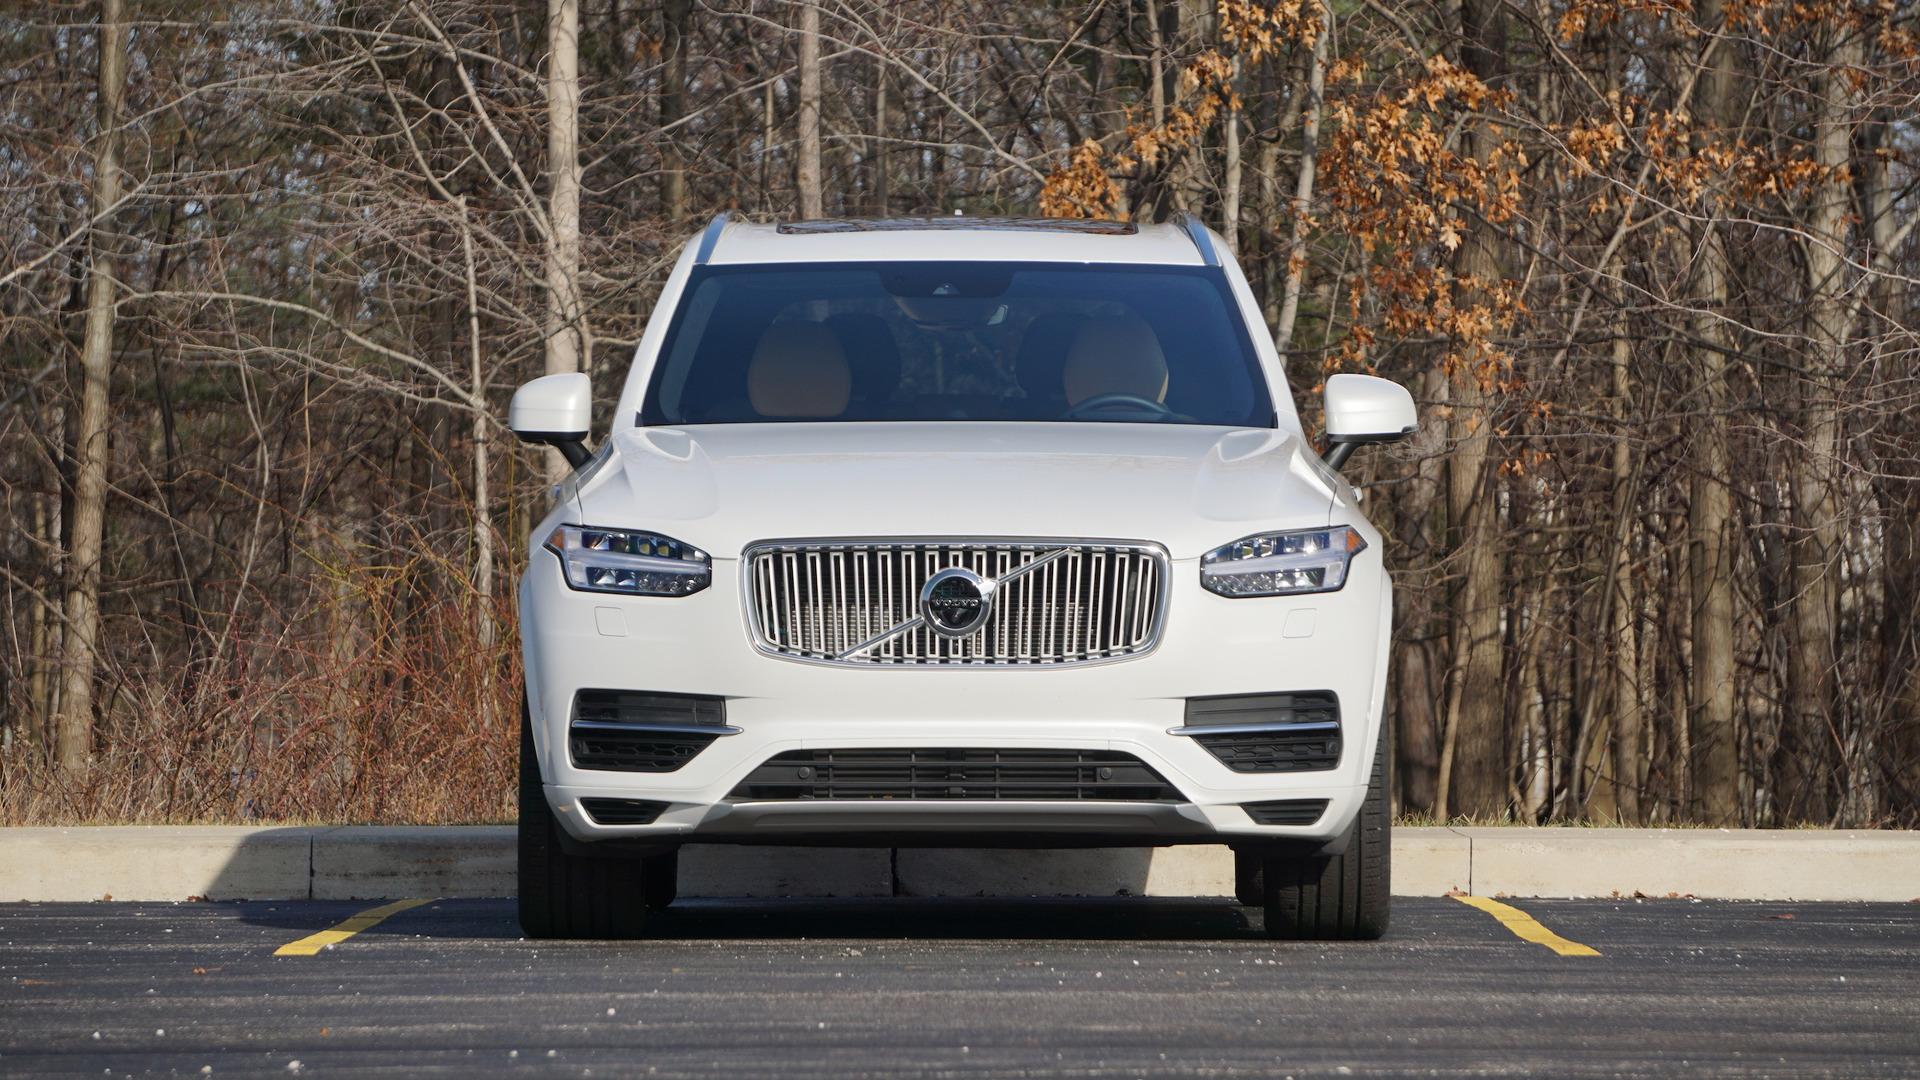 next volvo xc90 coming 2021 with level 4 autonomous